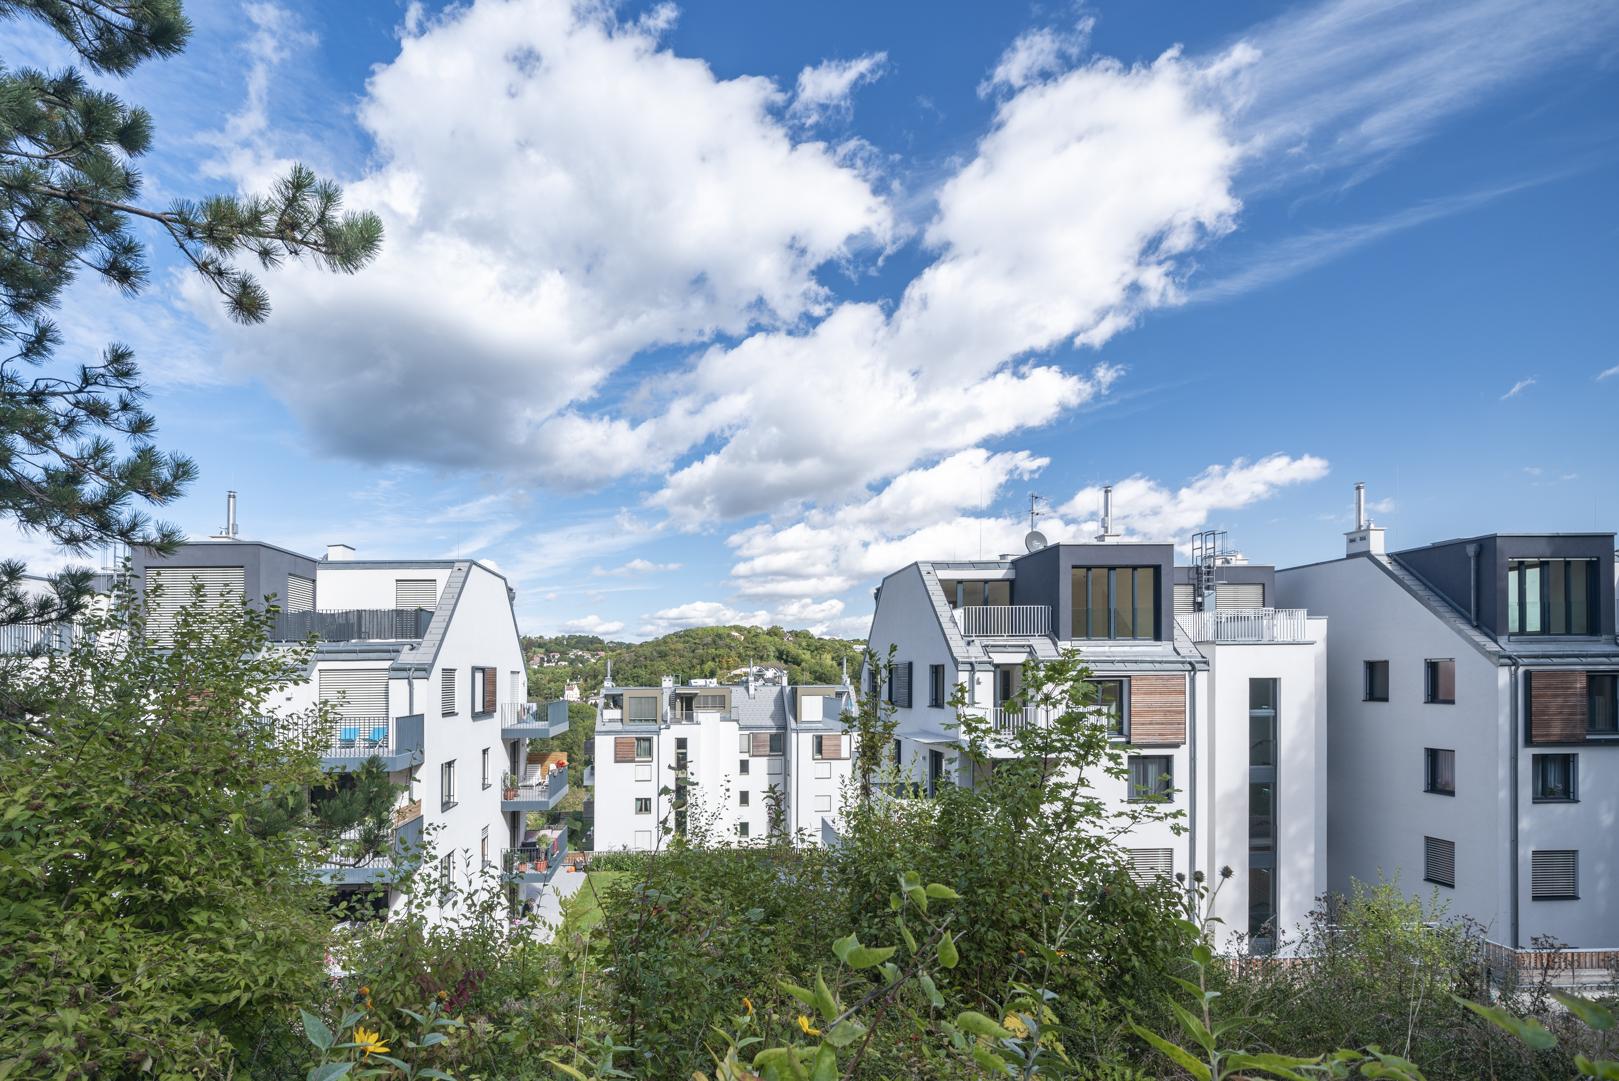 Immobilienfotografie Neubau Gartenpark Wien von Fotograf Michael Pinzolits